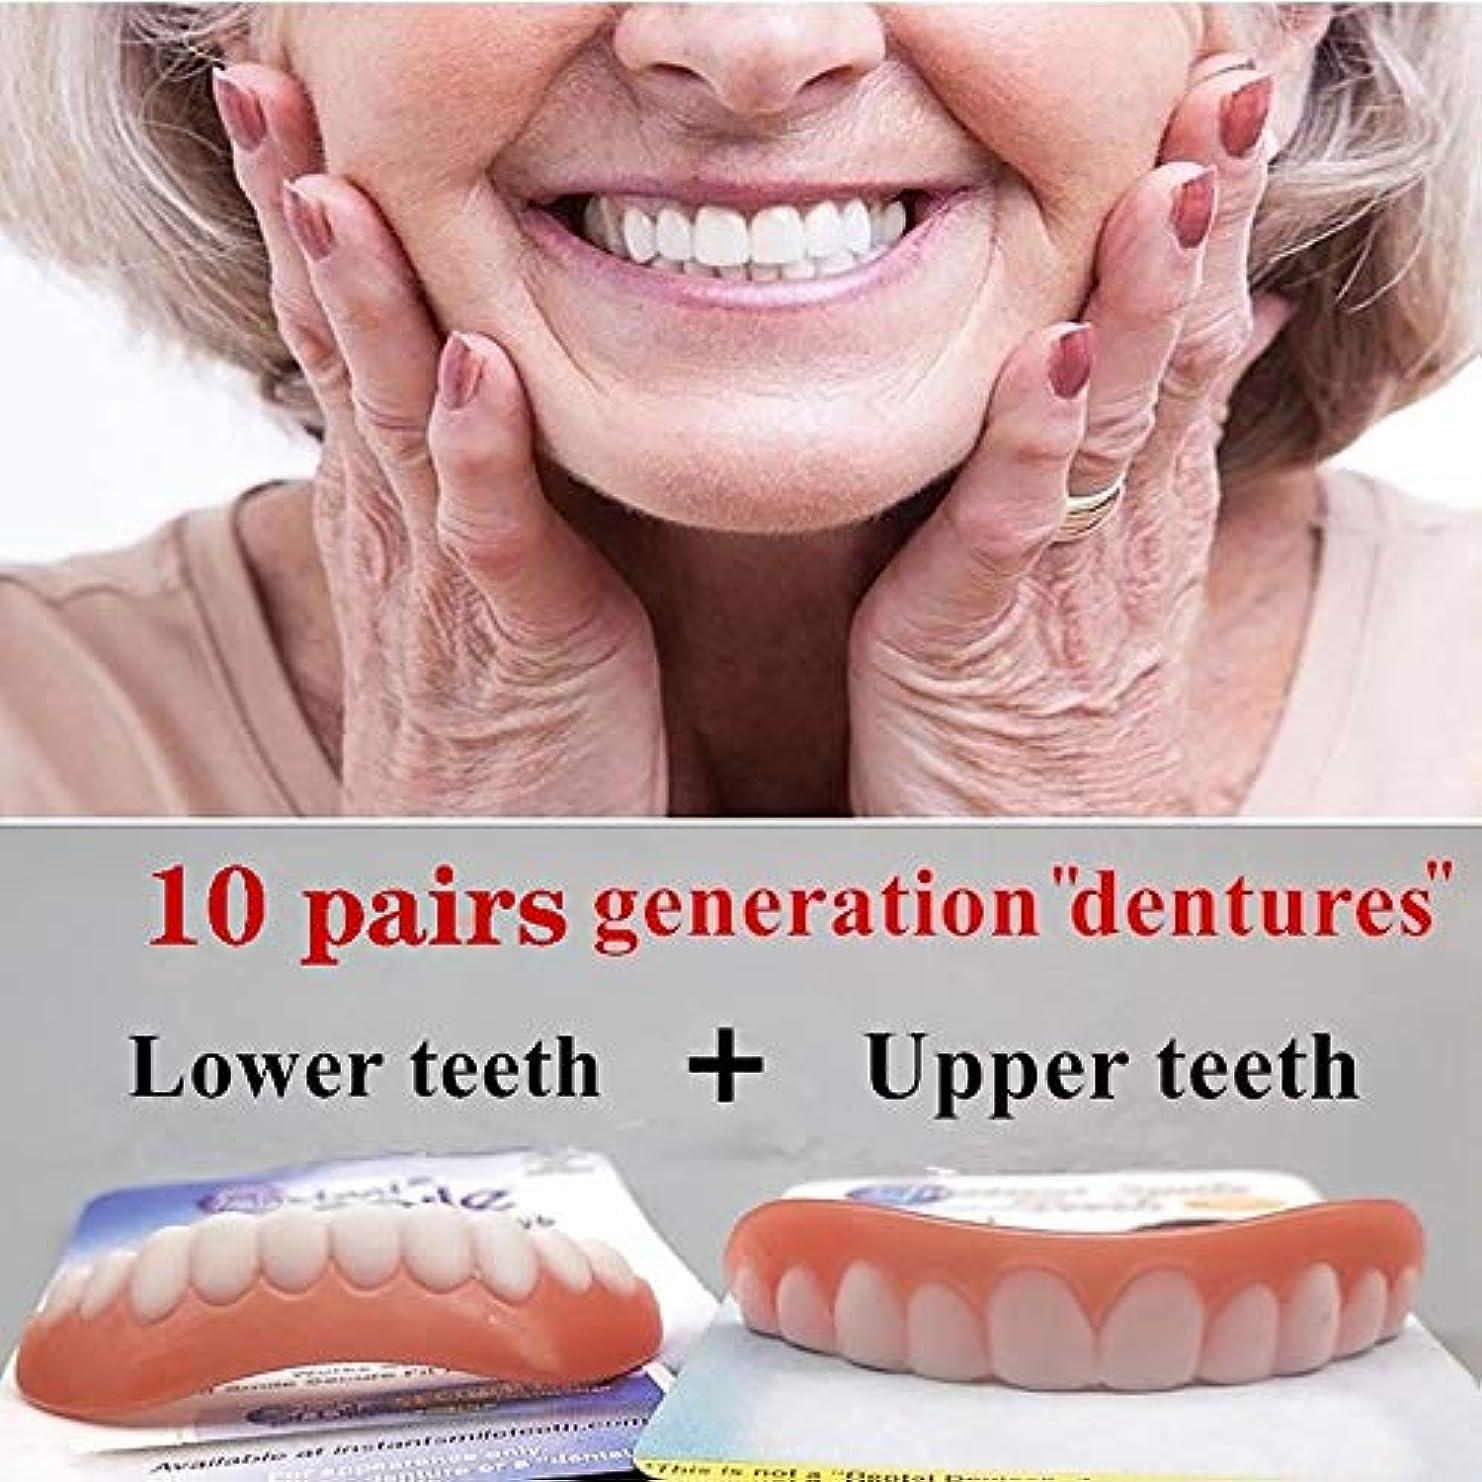 ビザ失礼音声学20個の歯の快適さフィットフレックス化粧品の歯義歯の歯のトップ化粧品のベニヤシミュレーションブレース新しい